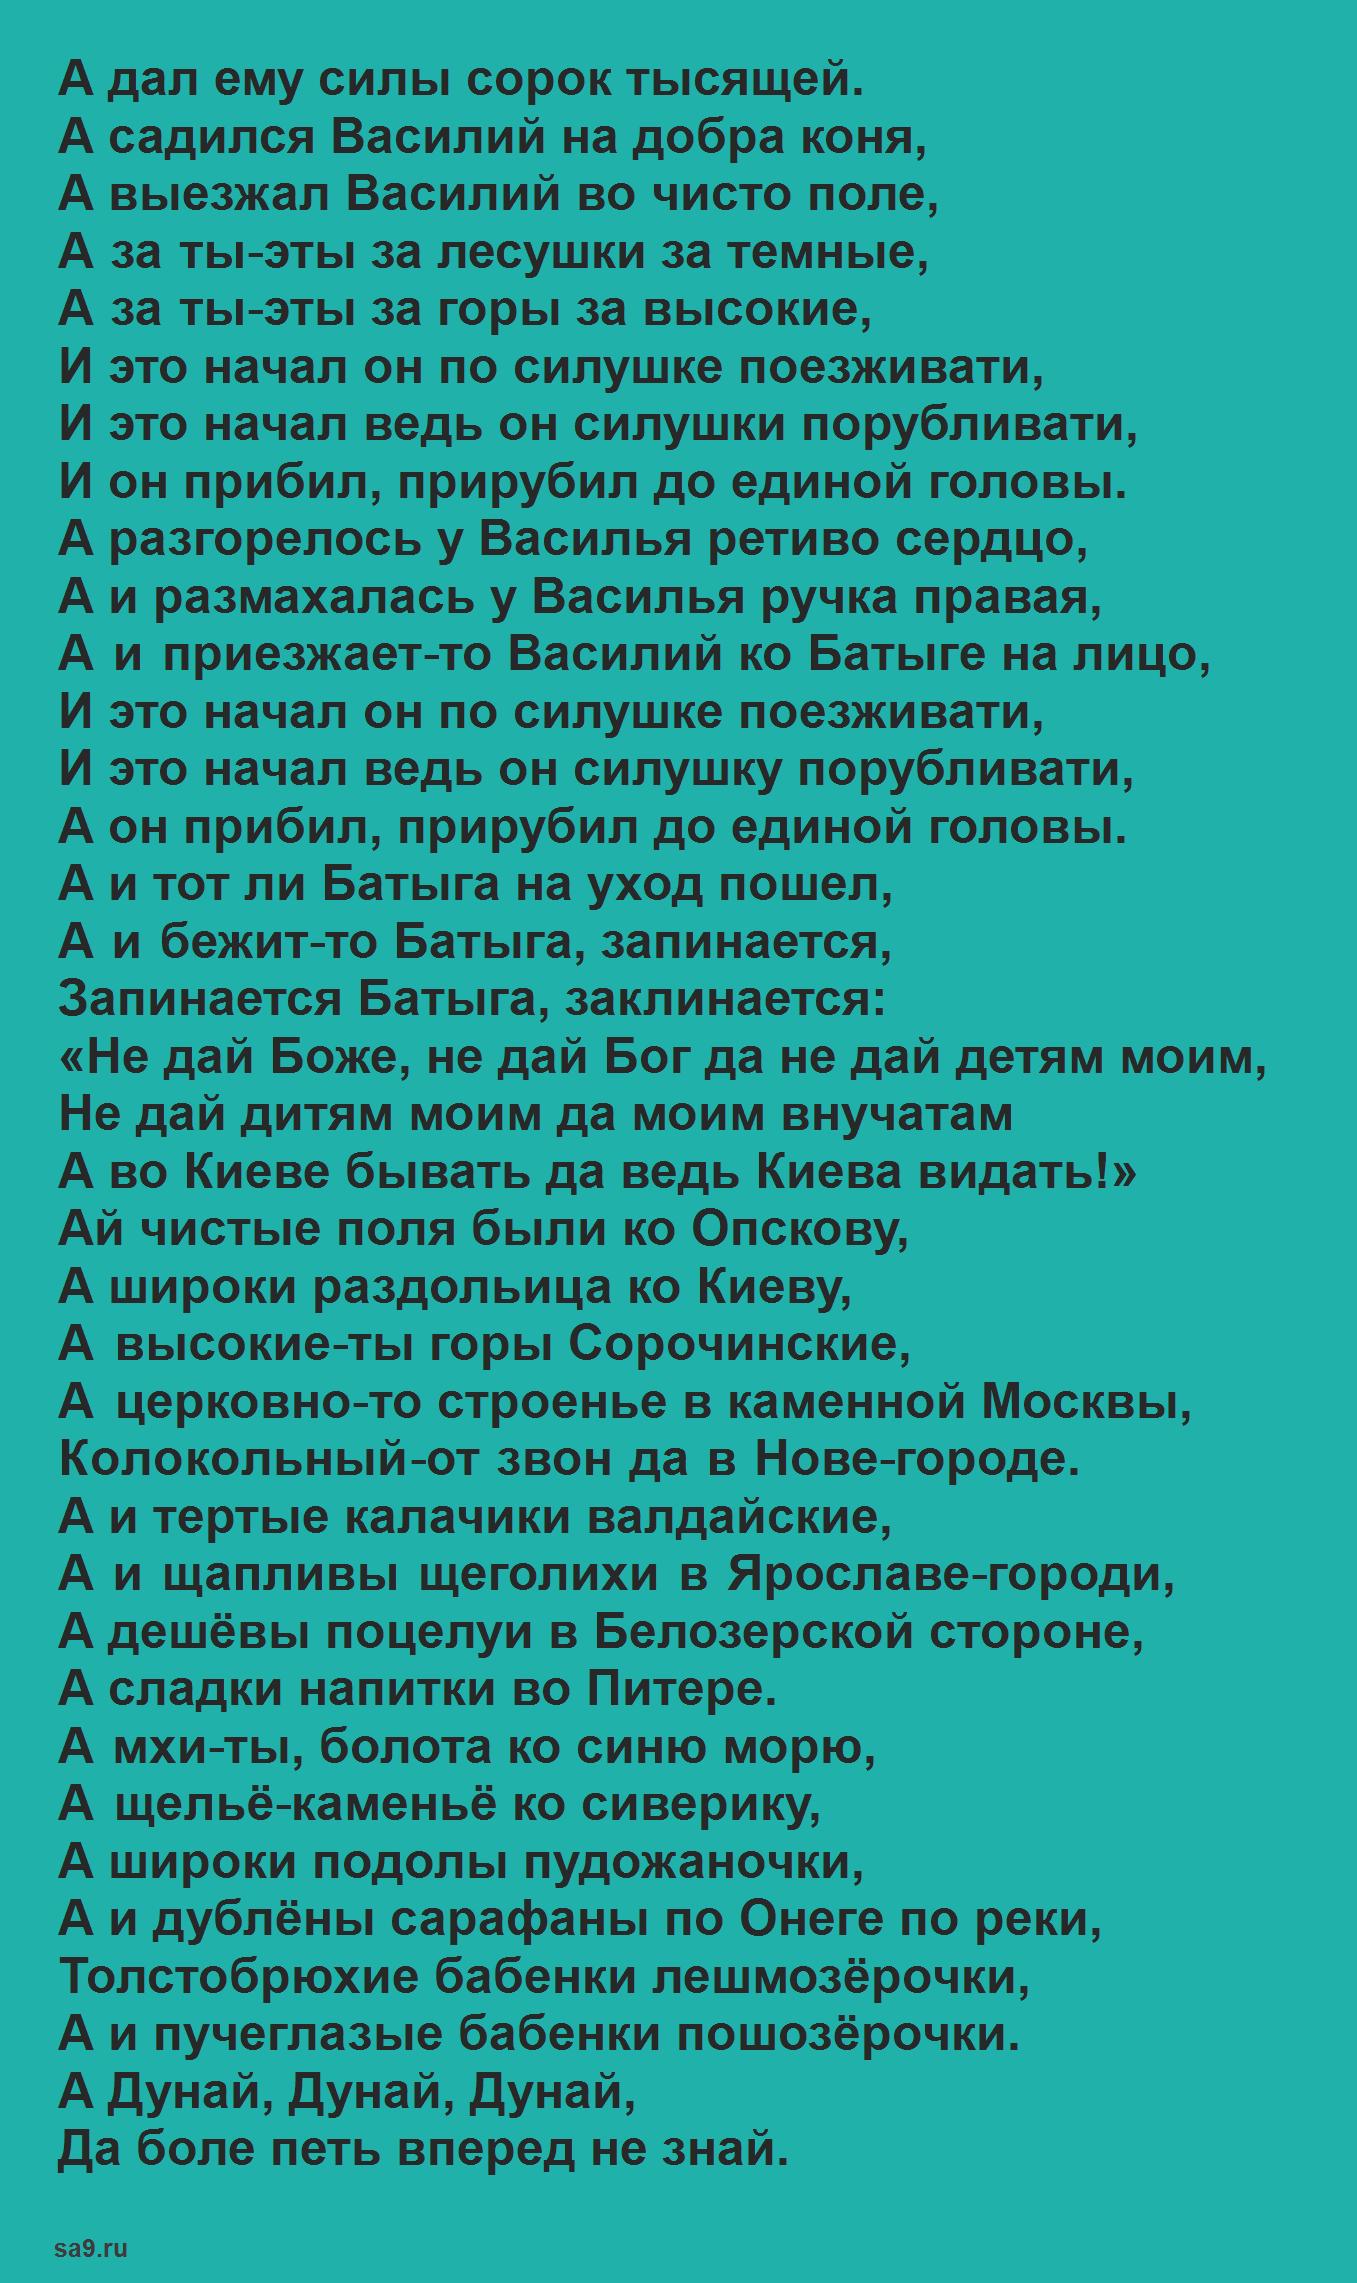 Читать былину - Василий Игнатьевич и Батыга, полностью